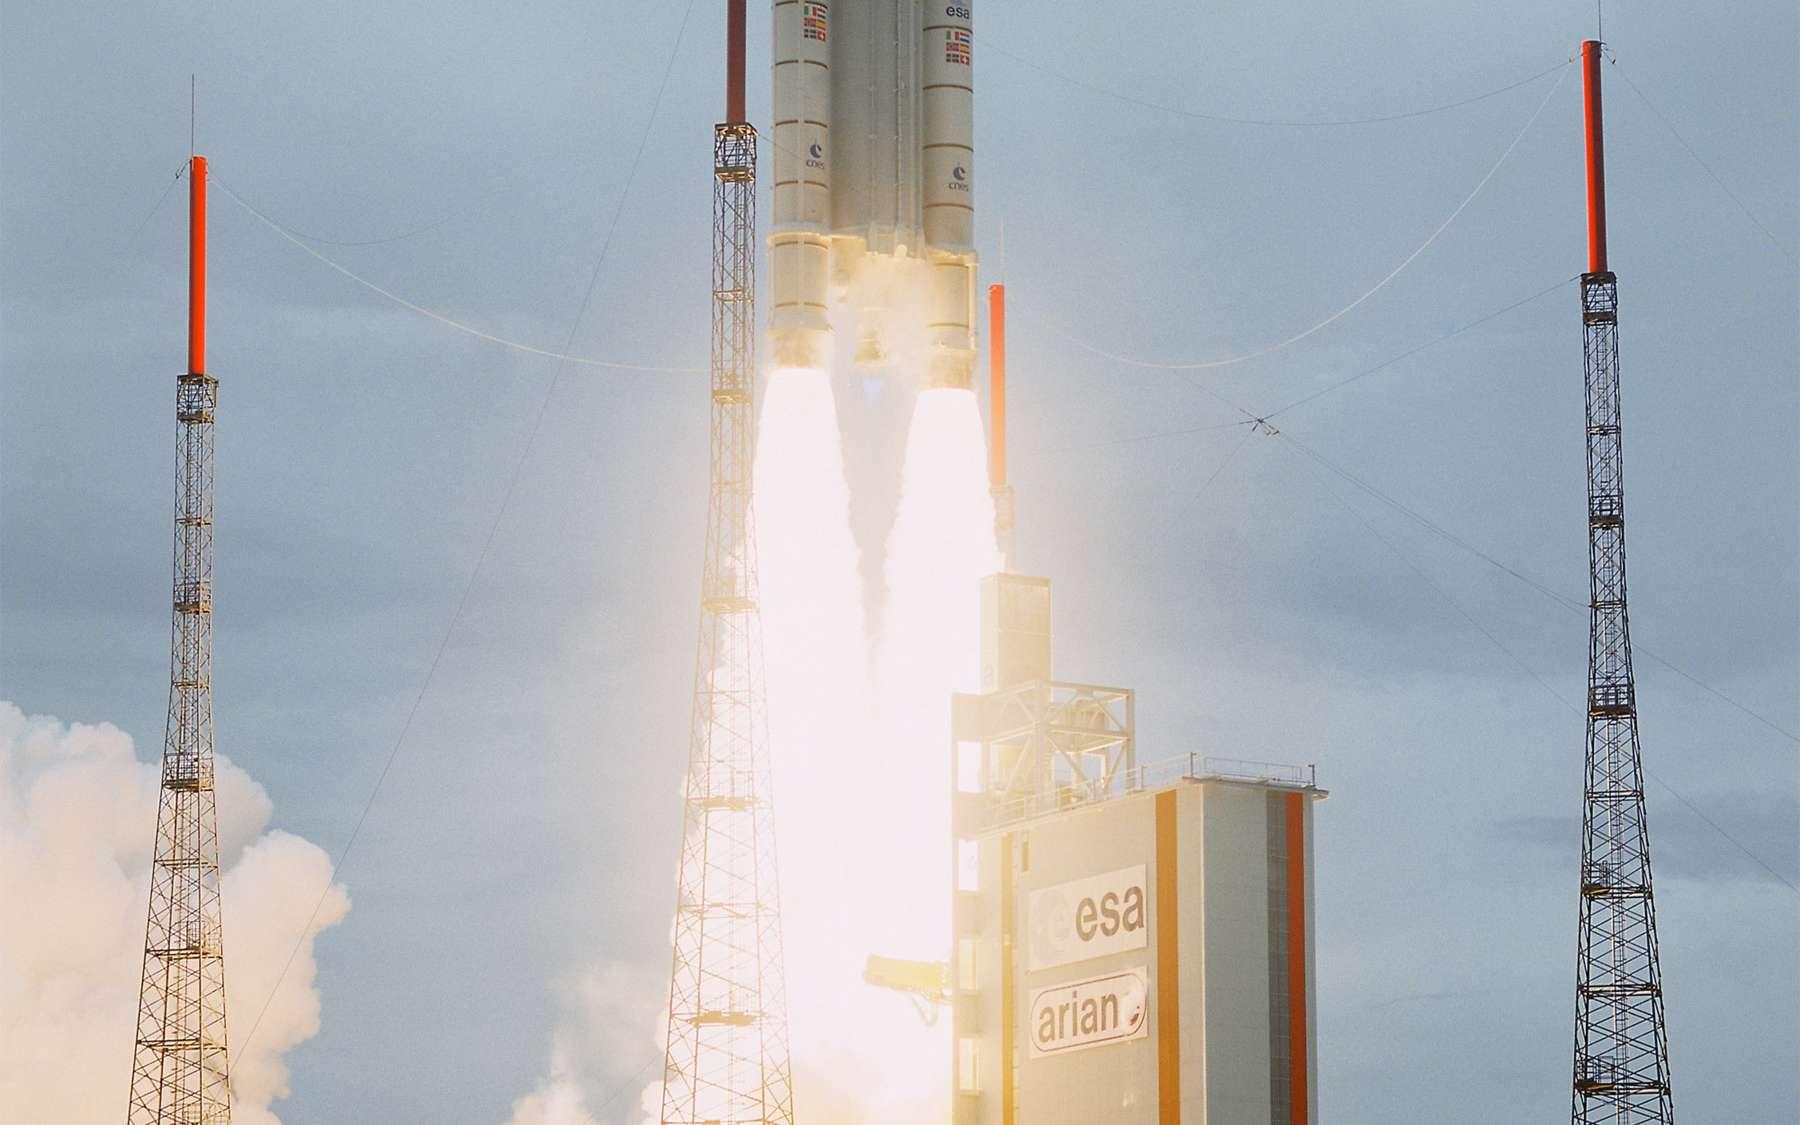 Initialement, l'Agence spatiale européenne prévoyait de lancer la sonde Bepi Colombo vers Mercure au moyen d'un lanceur Soyouz depuis la Guyane. Mais les retards pris dans son installation (le premier vol aura lieu le 20 octobre) ont contraint à utiliser une Ariane 5ECA, plus coûteuse. © Arianespace/Esa/Cnes & Service optique et vidéo du CSG